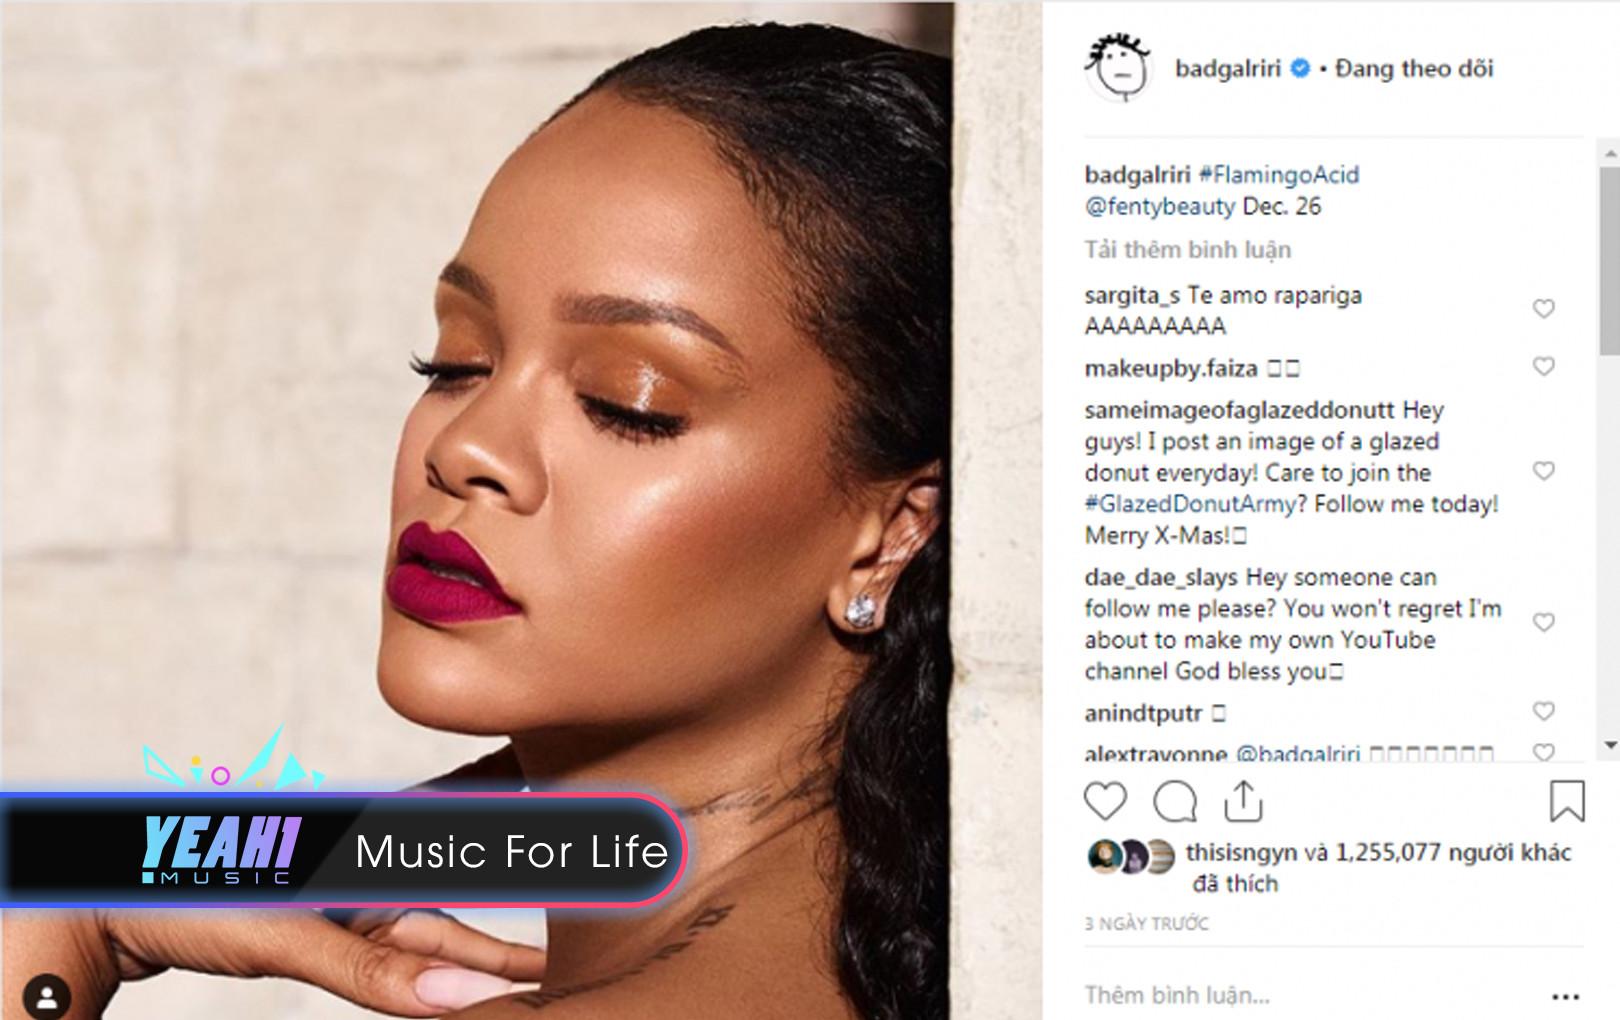 """""""Chờ Ri chờ đến bao giờ"""" - đây là tiếng lòng của fan Rihanna suốt năm 2018 cho một album mới đã trôi vào quên lãng"""